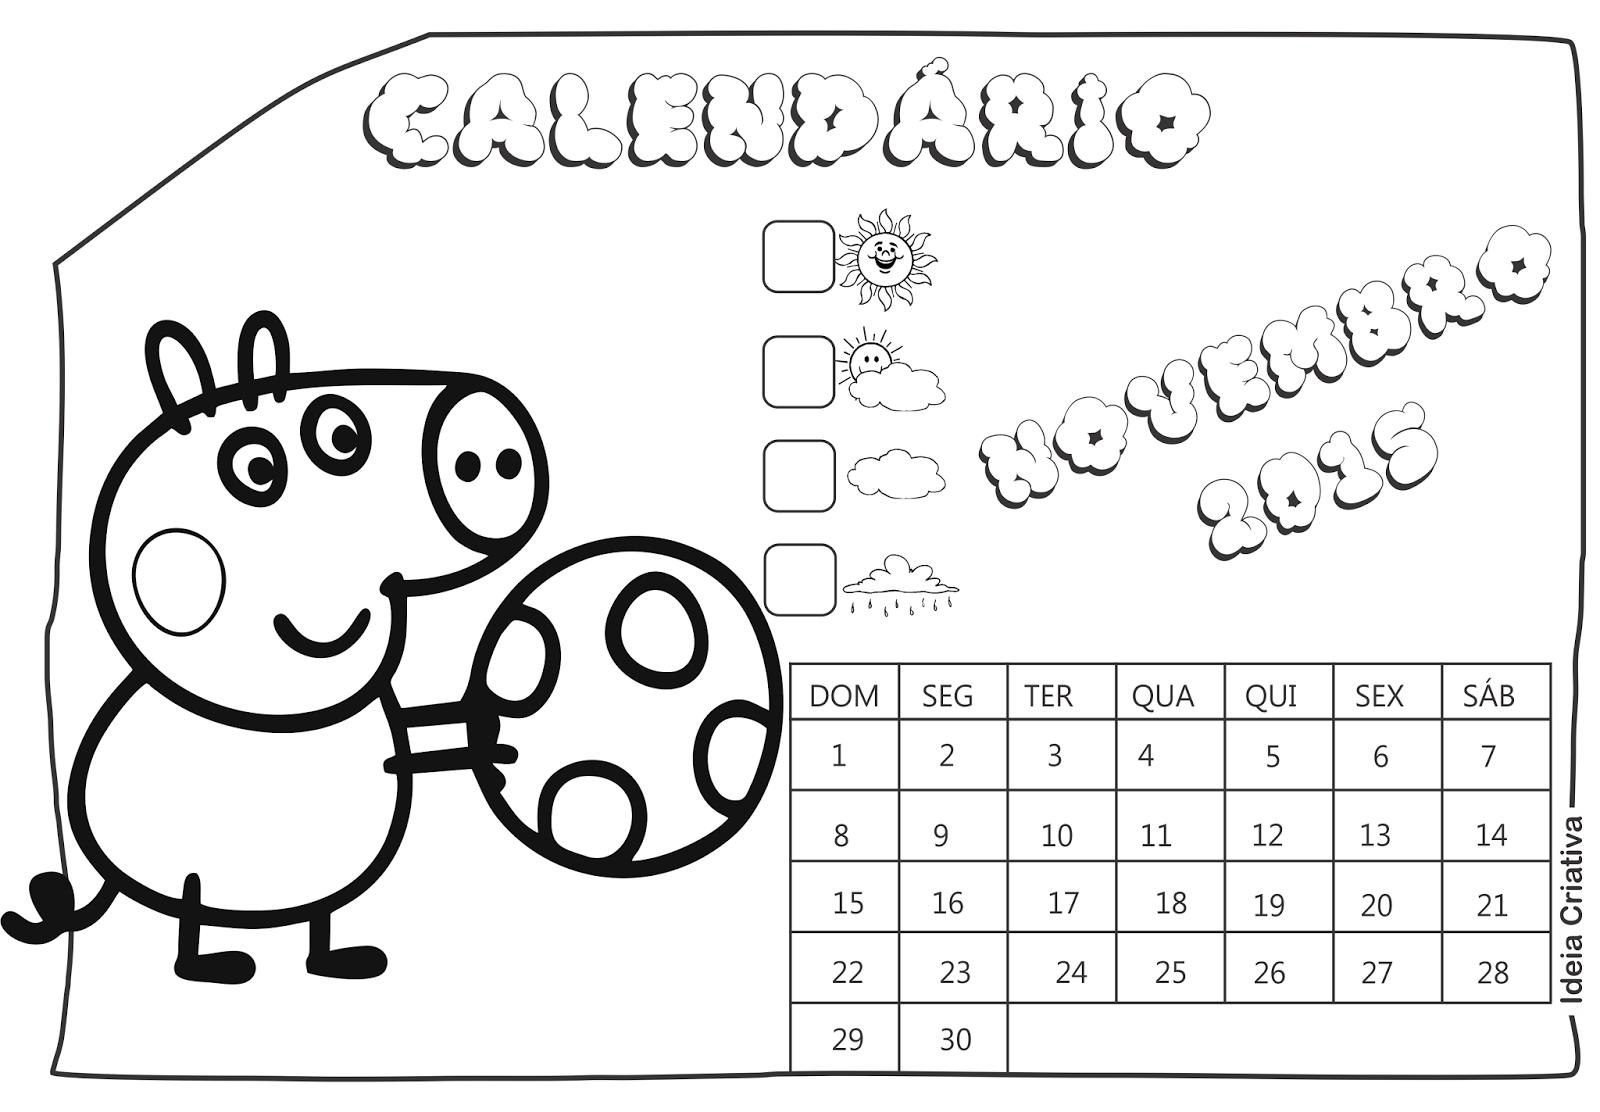 Calendário Novembro 2015 Peppa Pig e Seus Amigos para Imprimir Grátis